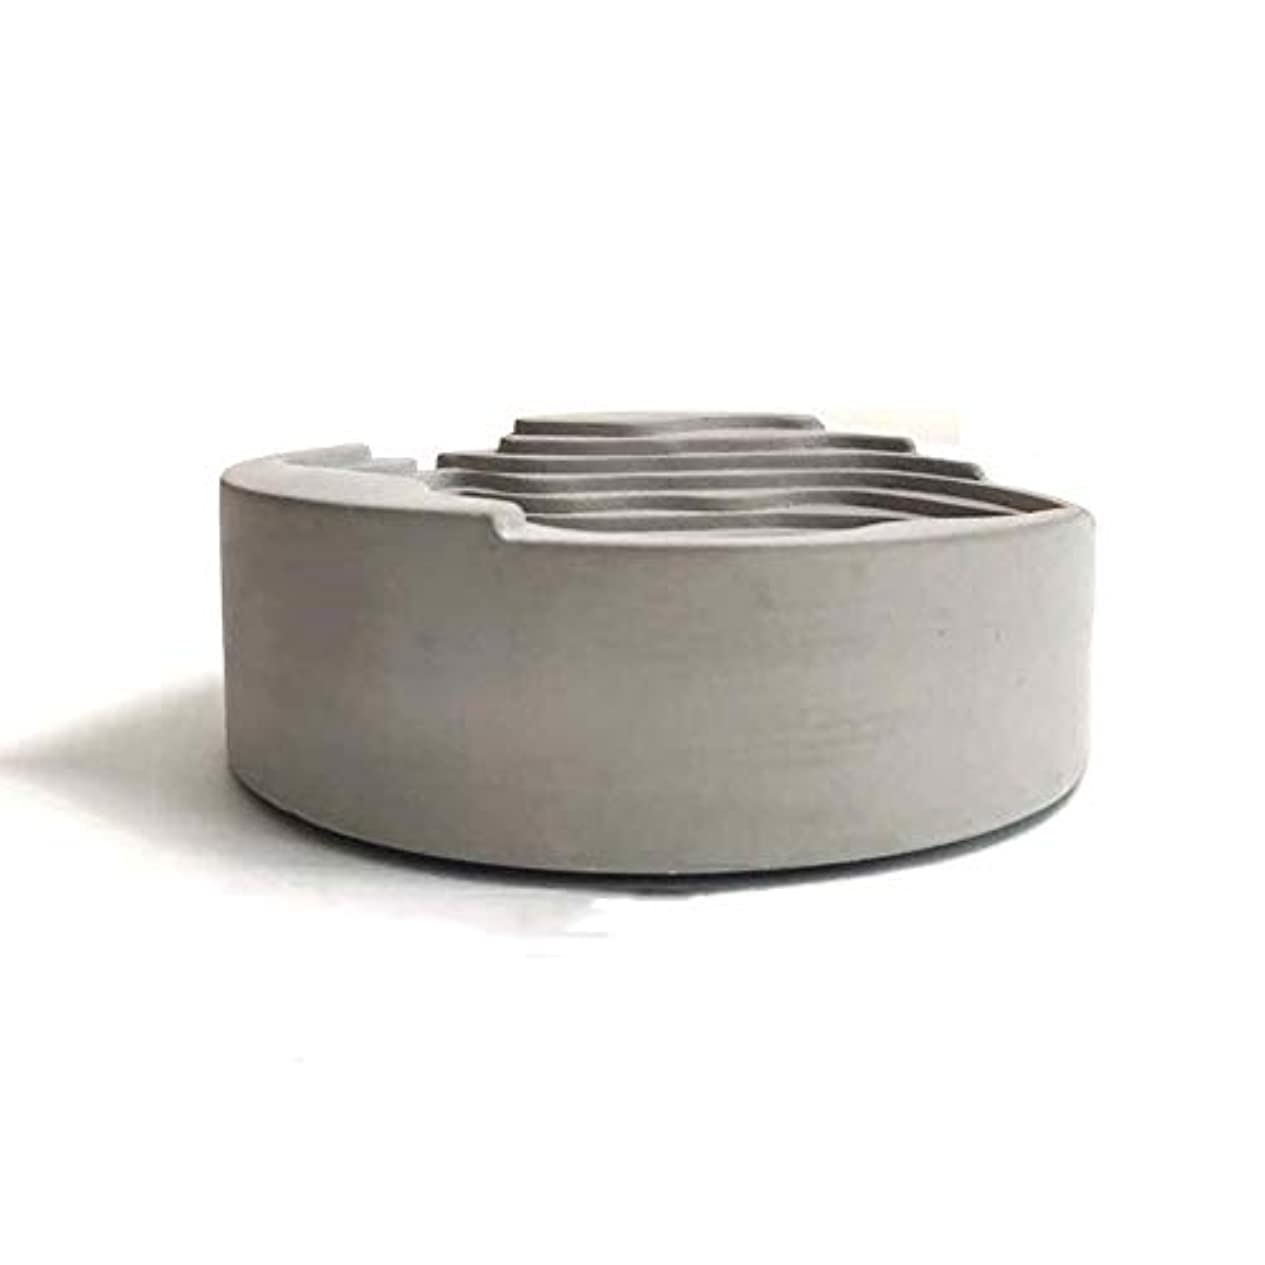 準拠洗剤検出セメント灰皿オリジナルシンプルウォーターコンクリートギフト灰皿